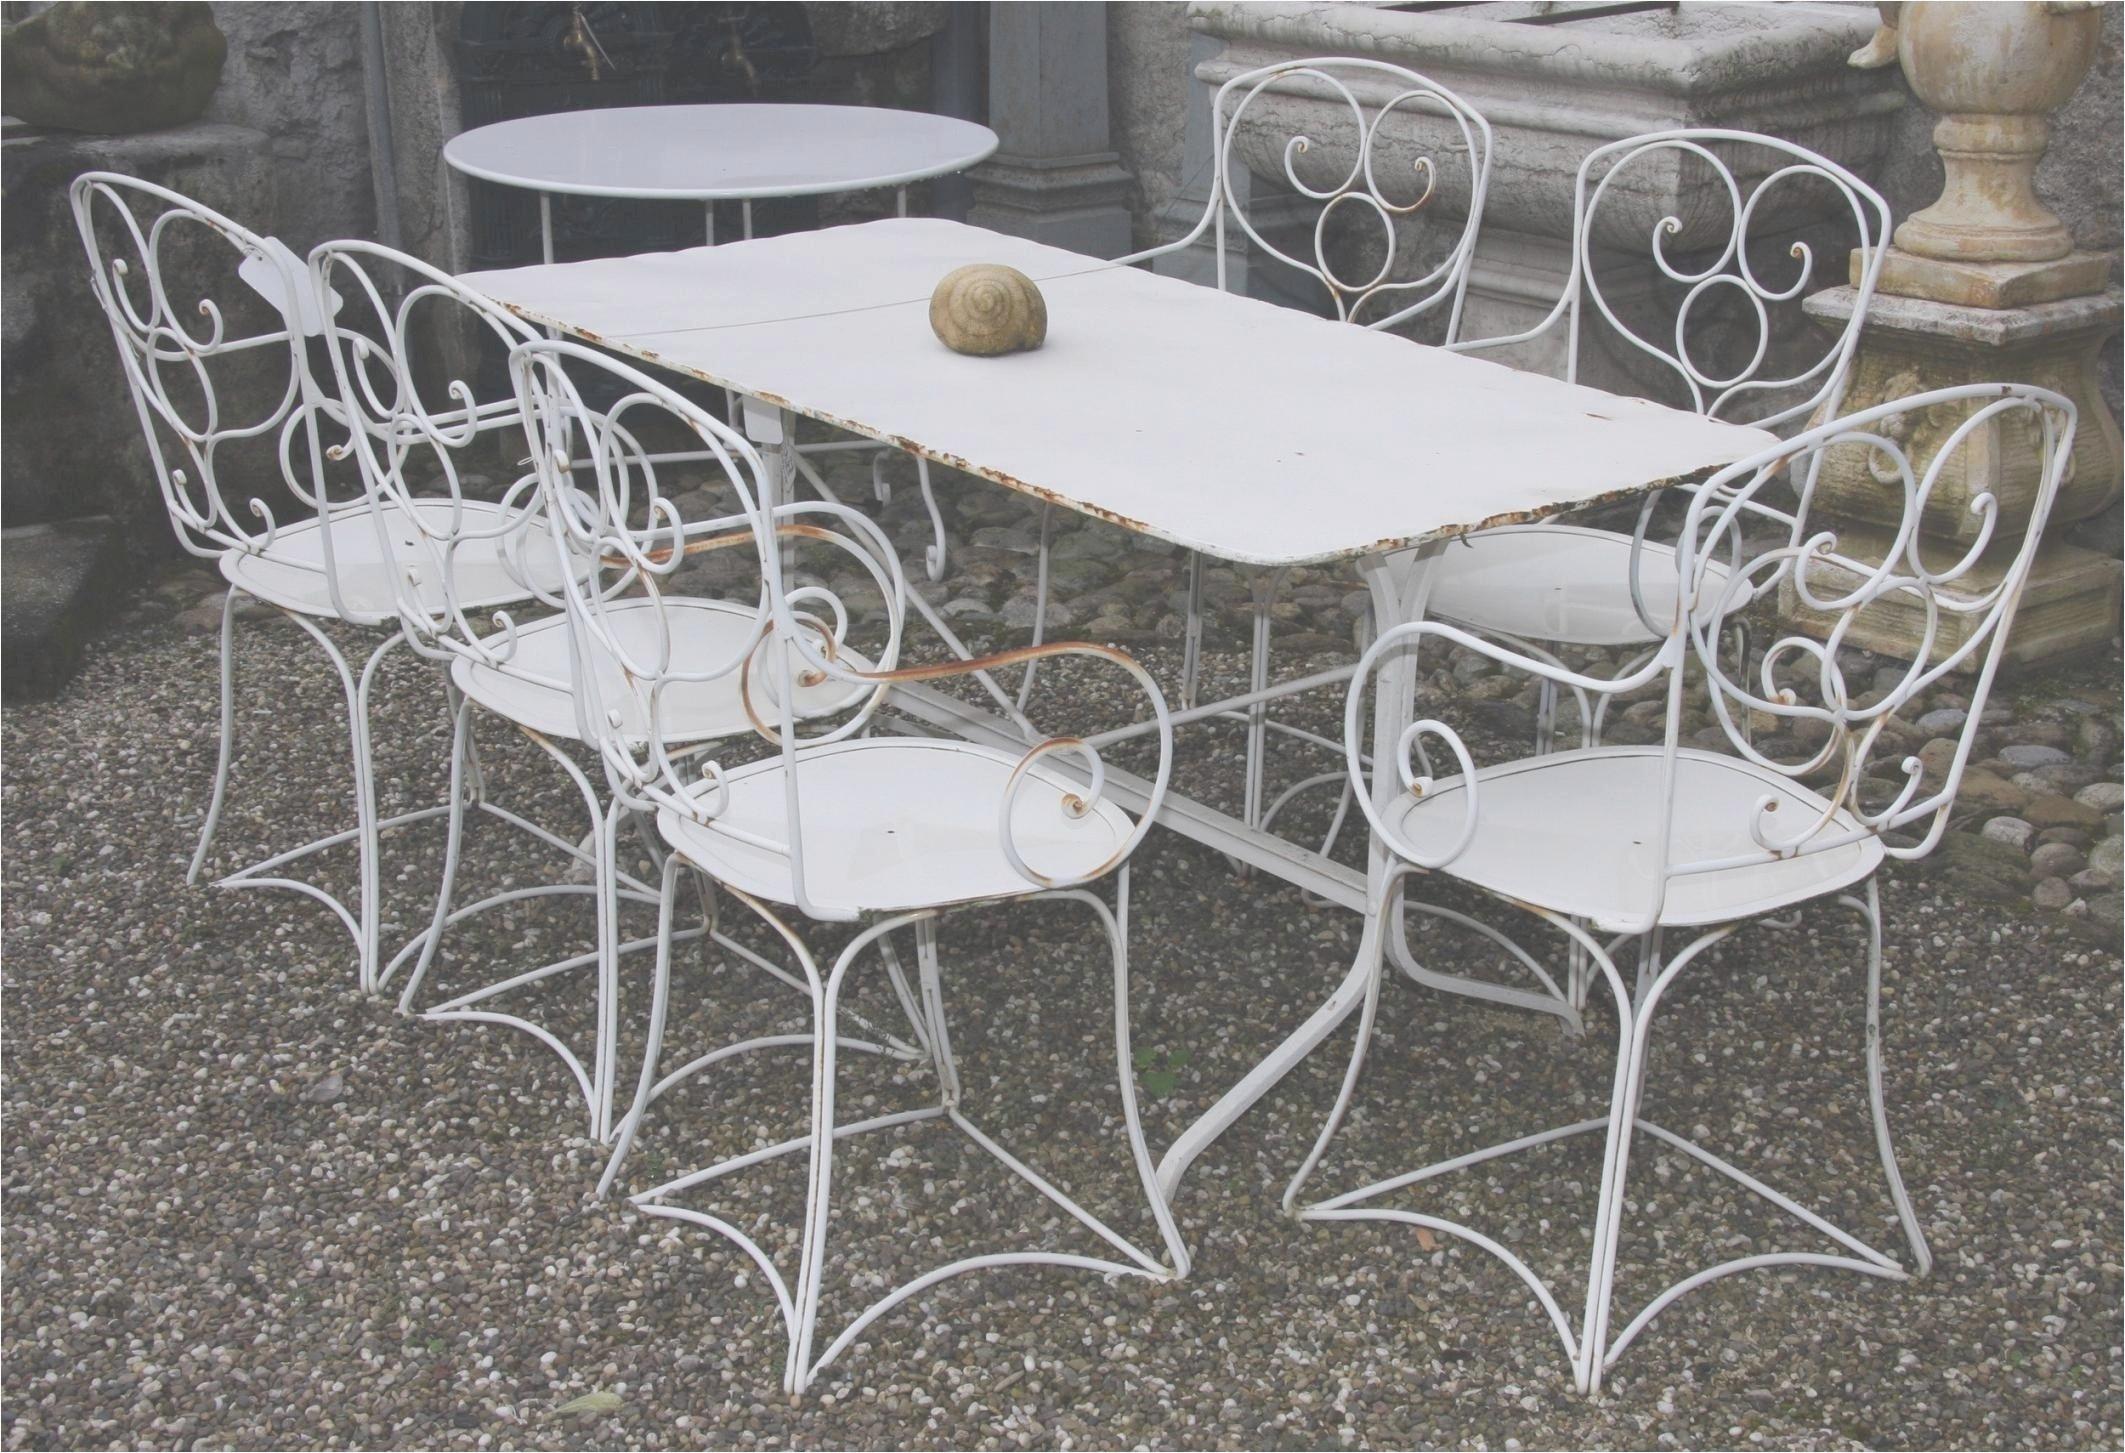 Phénoménal Le Bon Coin 85 Mobilier De Jardin - Homewareshop dedans Jardinage Le Bon Coin85